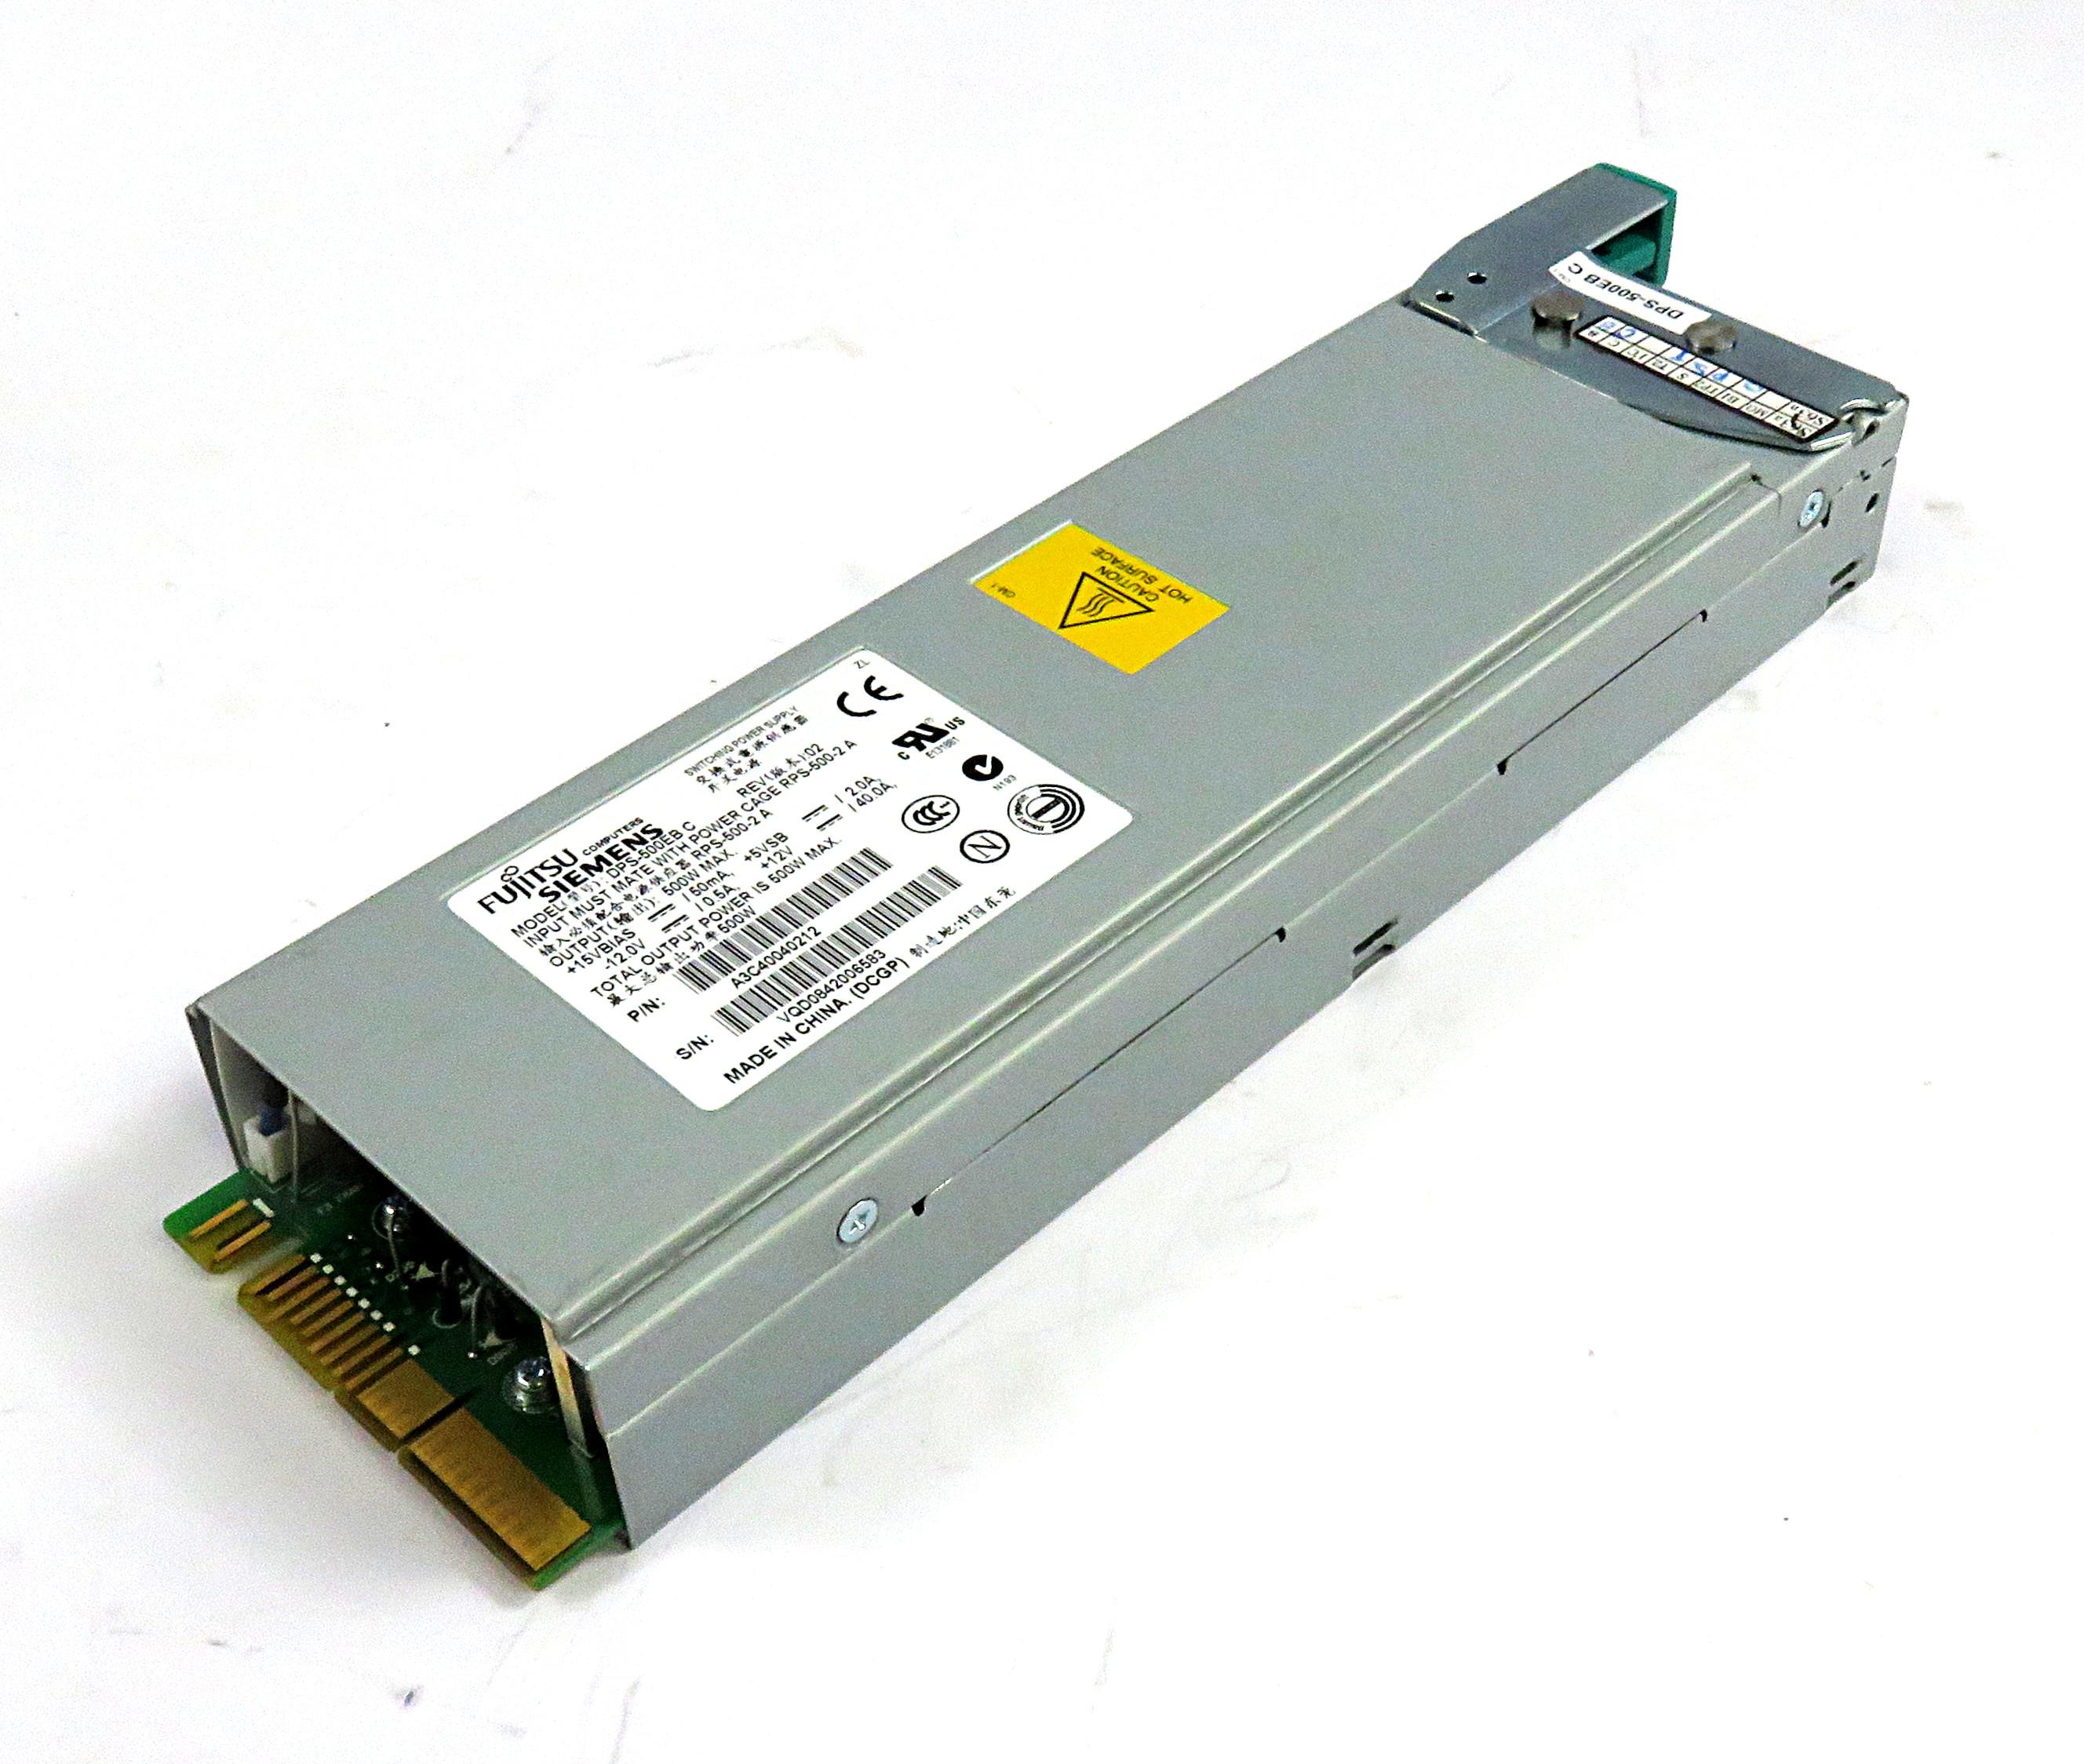 A3C40040212 Fujitsu 500W Power Supply Model DPS-500EB C f/ Primergy RX300